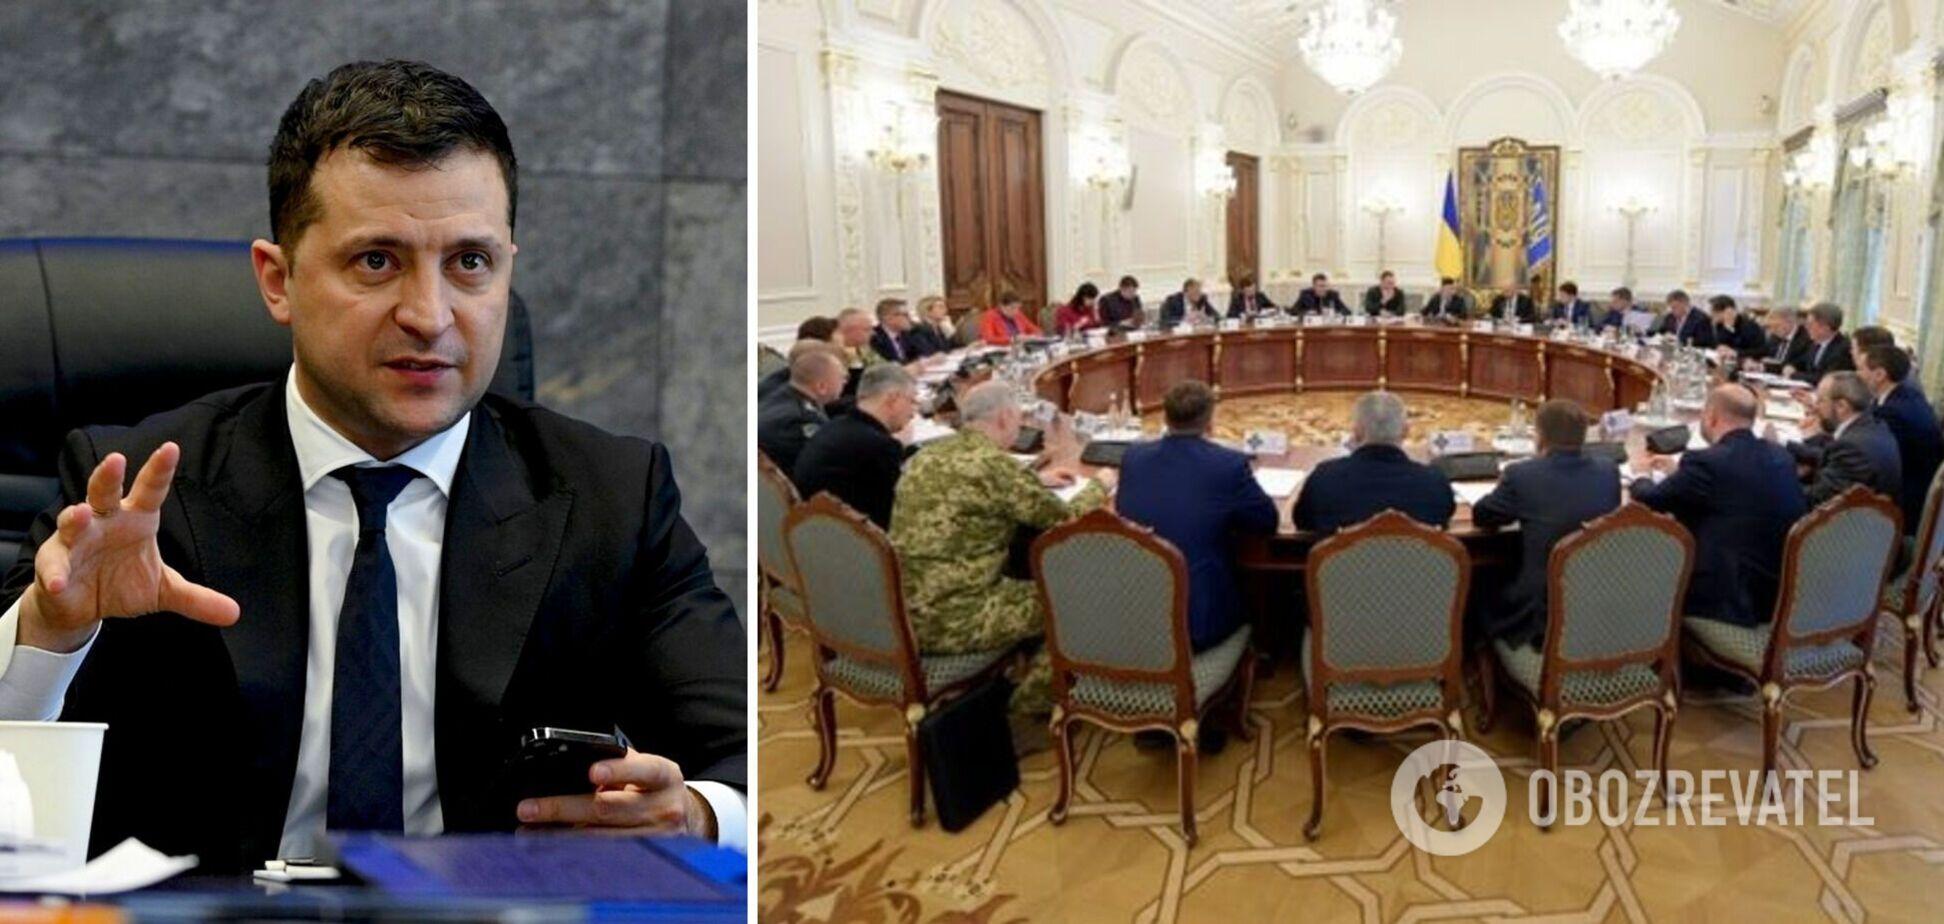 Зеленський скликав термінове засідання РНБО: всі подробиці онлайн